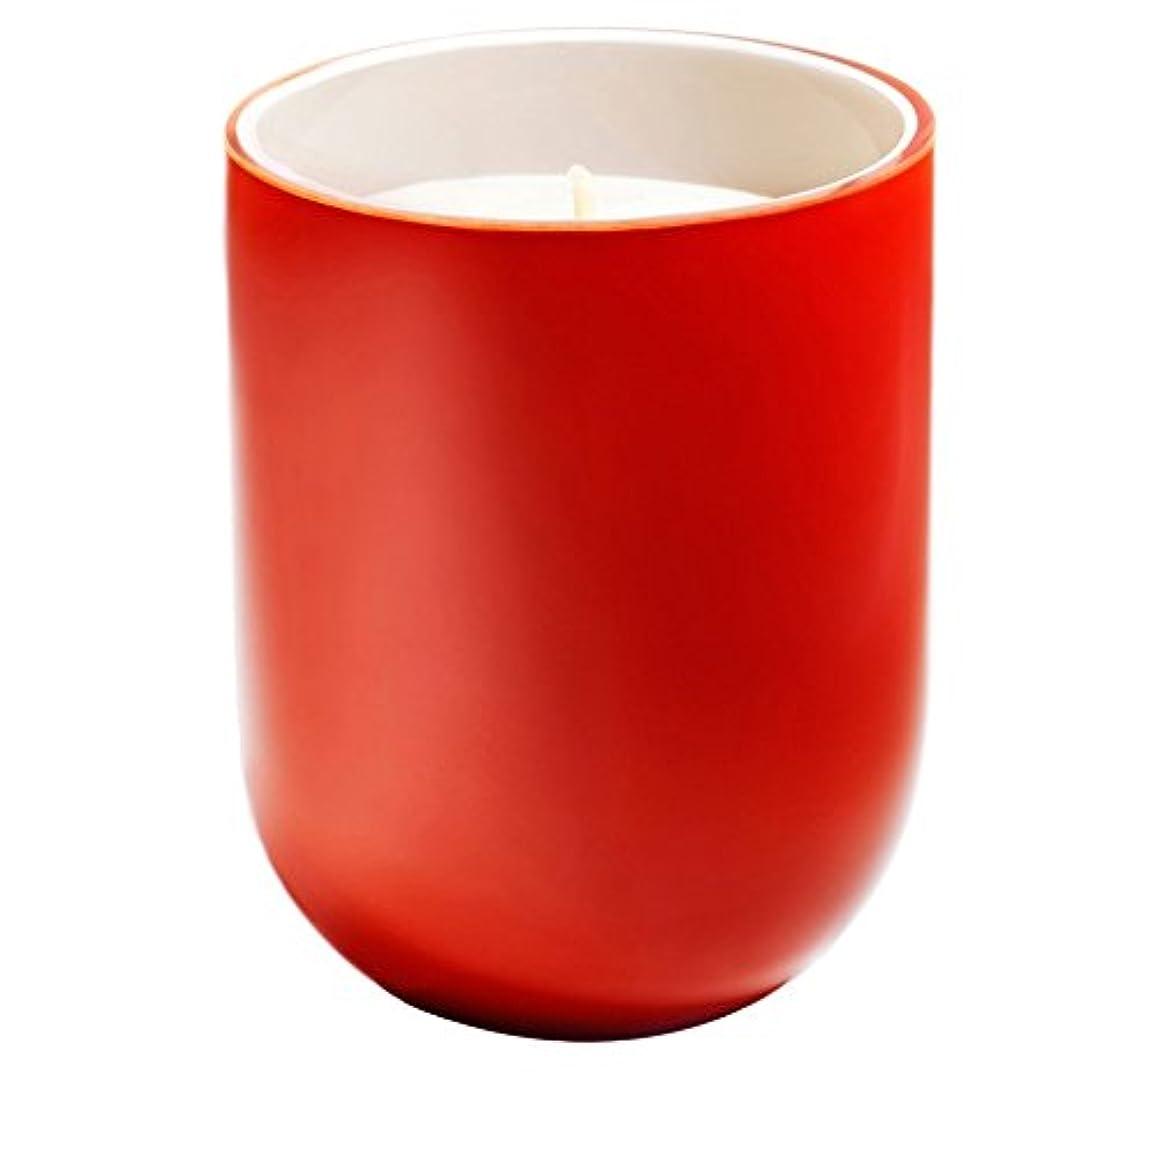 赤外線トランスミッション祈りフレデリック?マルカフェ社会の香りのキャンドル x6 - Frederic Malle Caf? Society Scented Candle (Pack of 6) [並行輸入品]